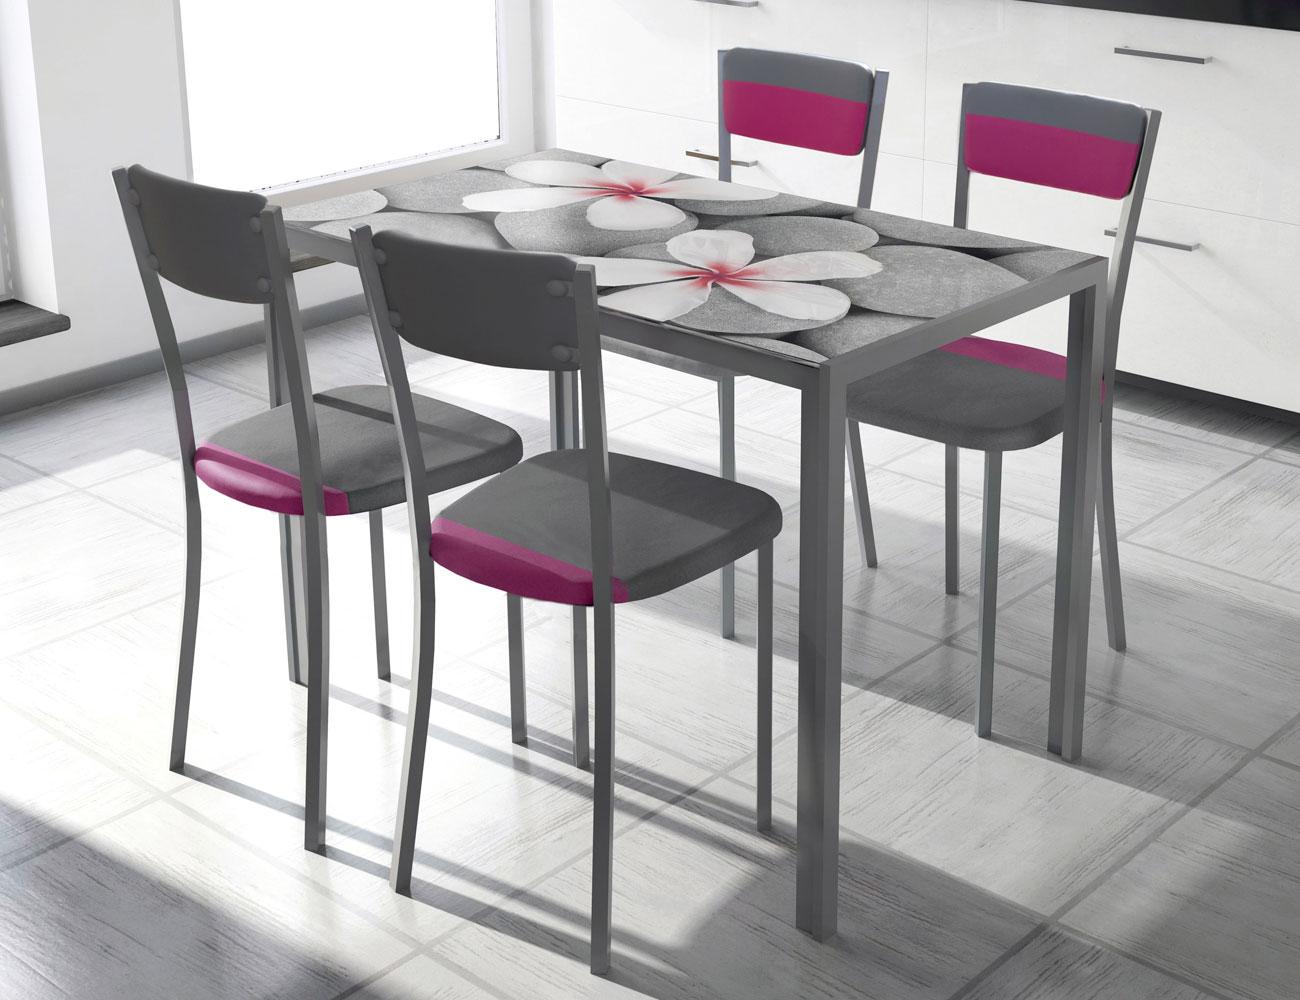 Mesa de cocina con cristal templando serigrafiado 3546 for Mueble mesa cocina